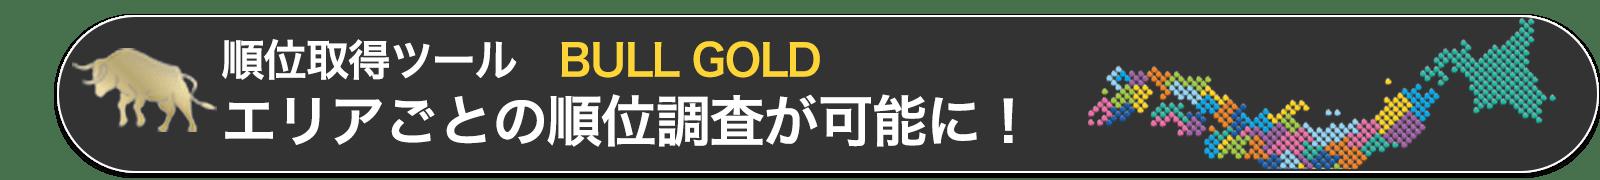 1万キーワード対応!Google変動と比較可能!キーワード順位チェックツール「BULL GOLD」